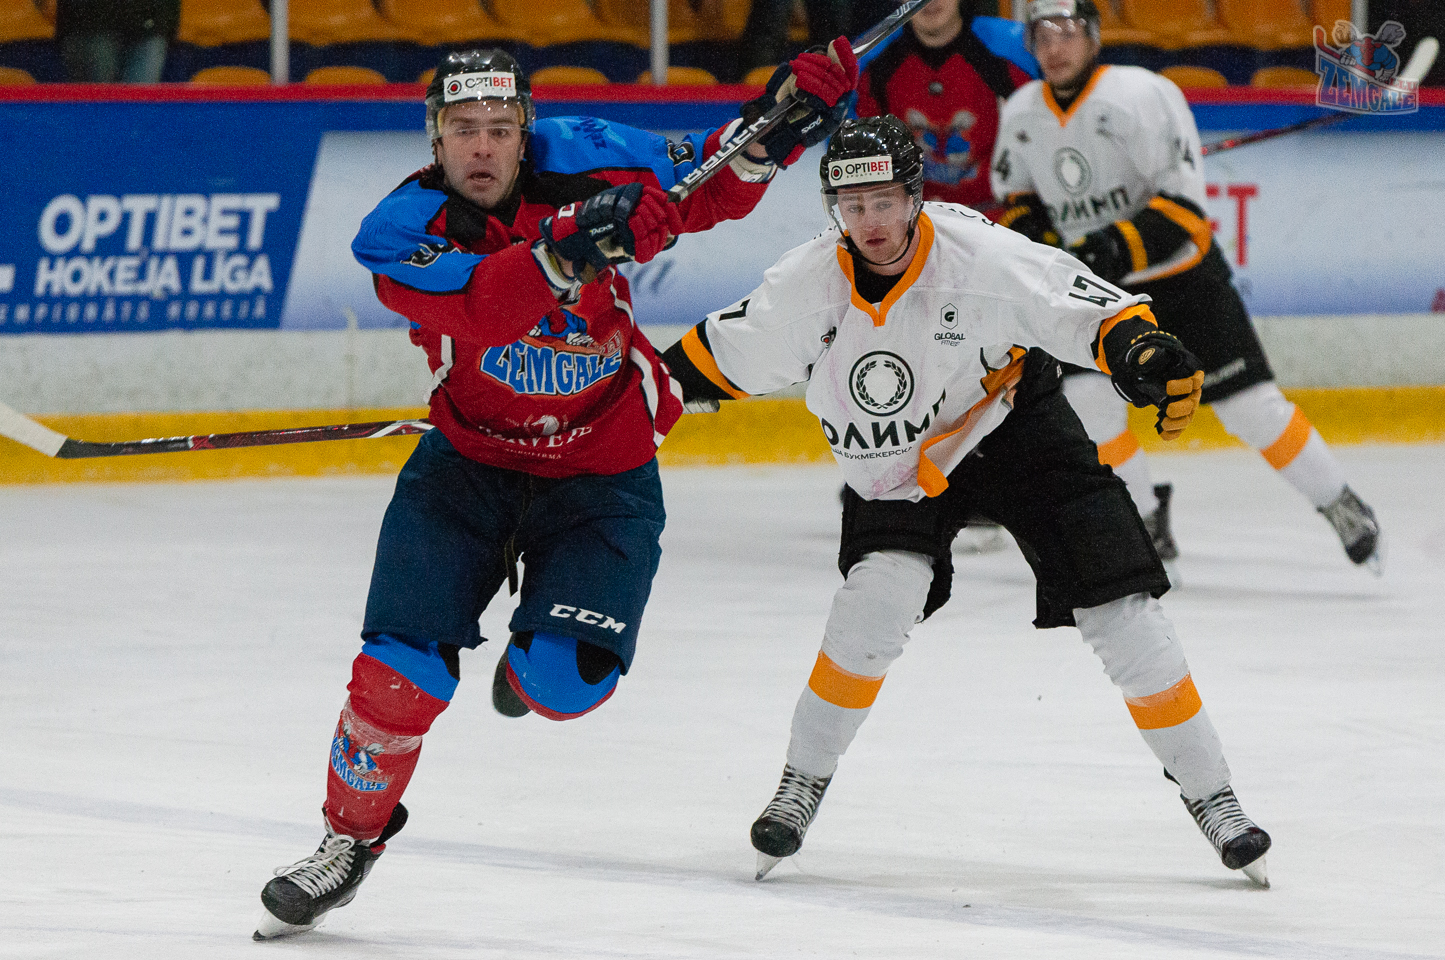 Hokejists Valentīns Feoktistovs raujas uzbrukumā